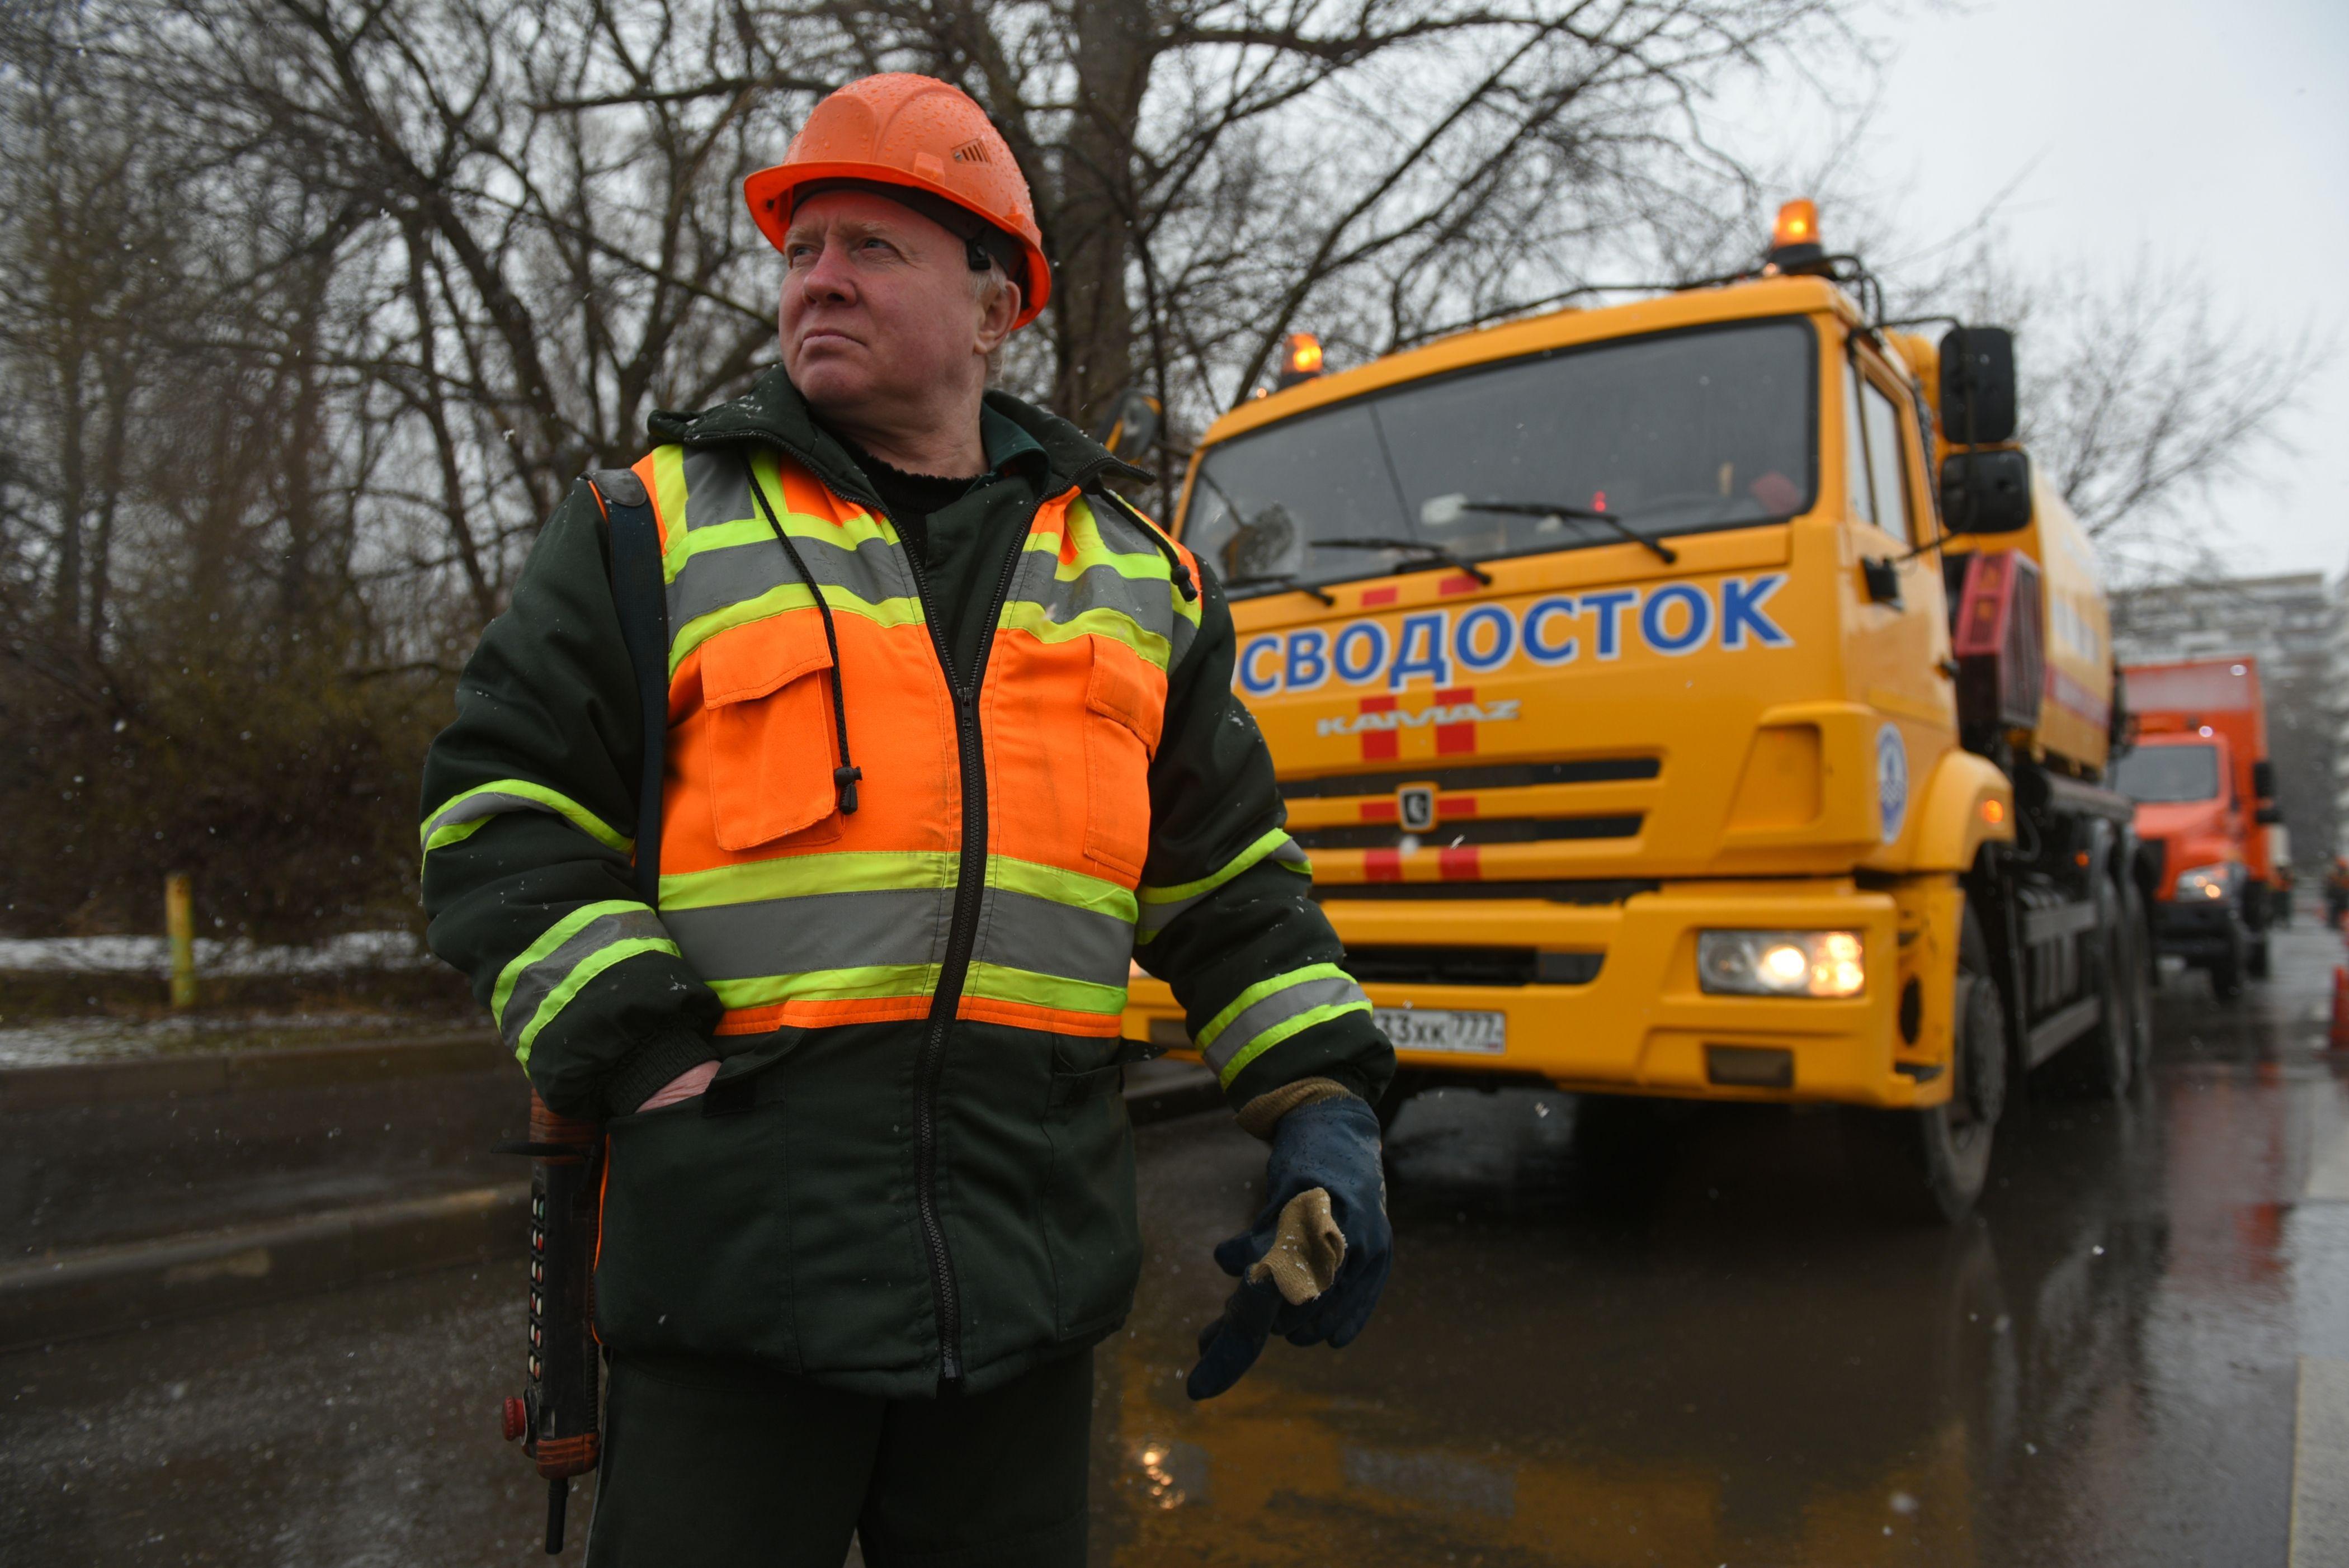 Автобазу Мосводостока откроют на юге Москвы